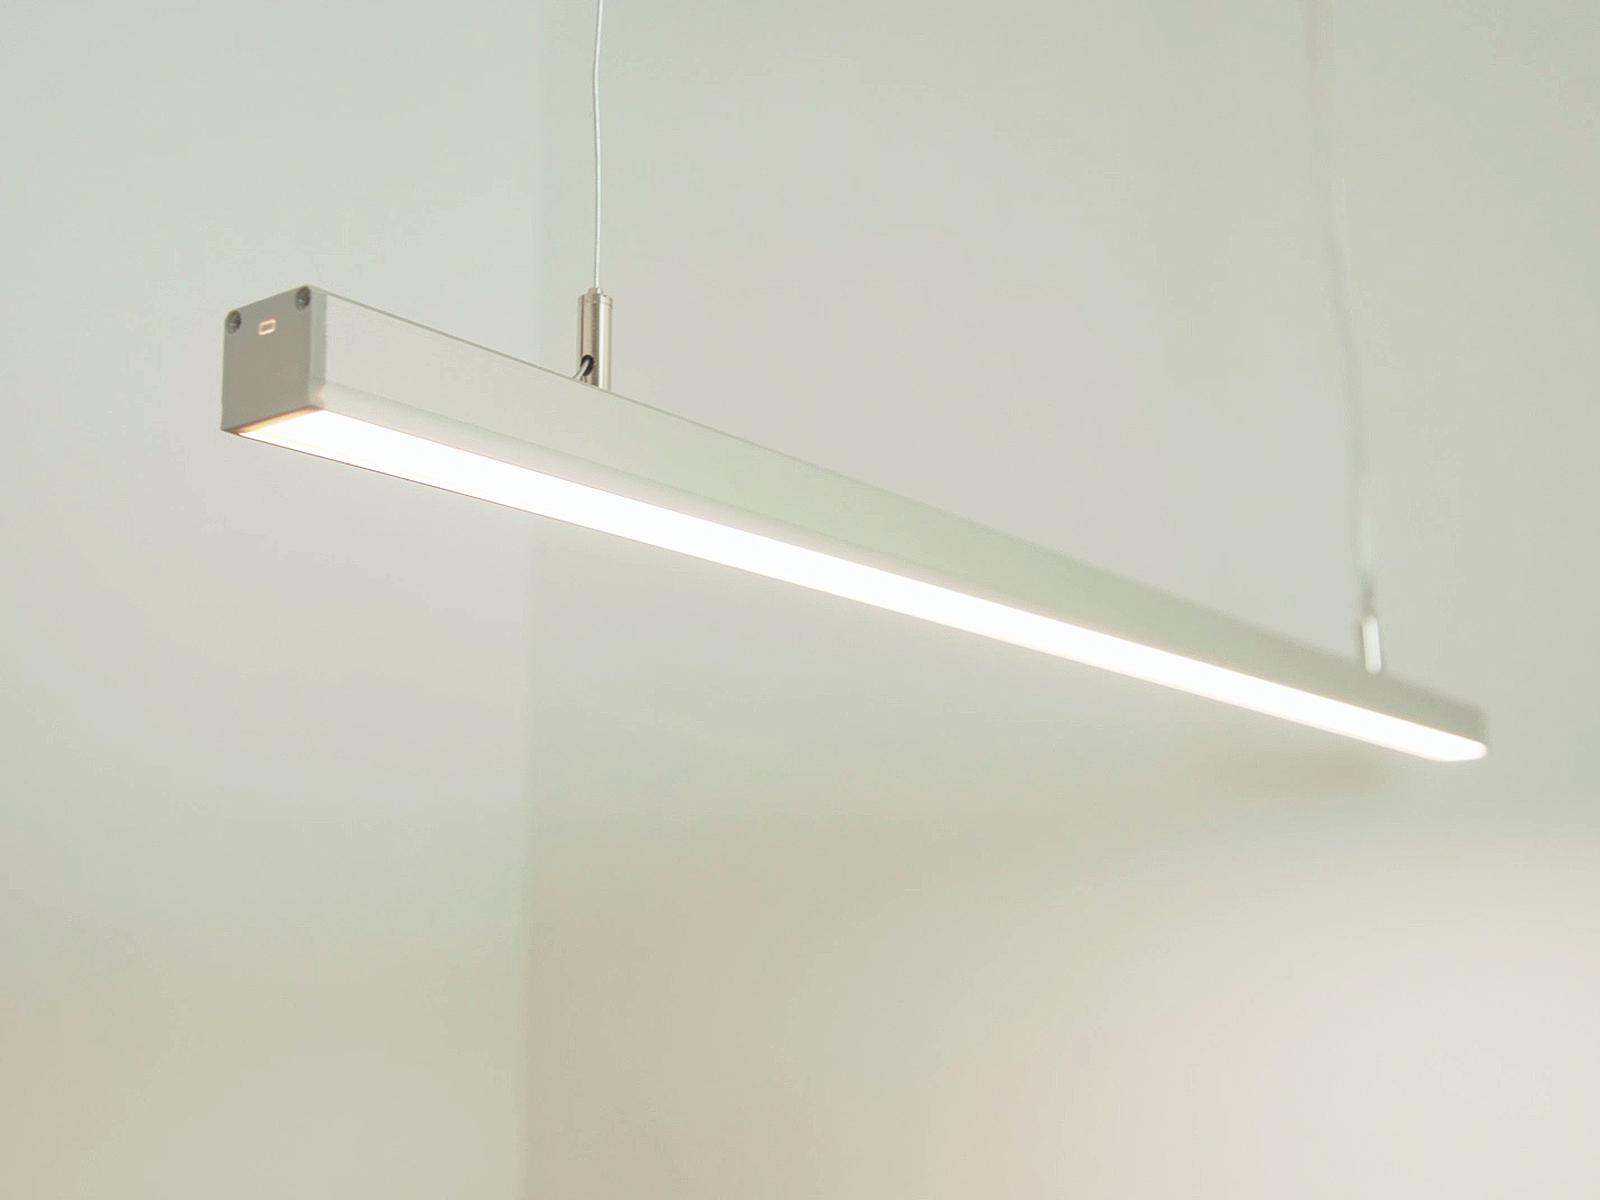 Egyedi függesztett LED lámpa Lumines Dileda LED profil és LED szalag felhasználásával